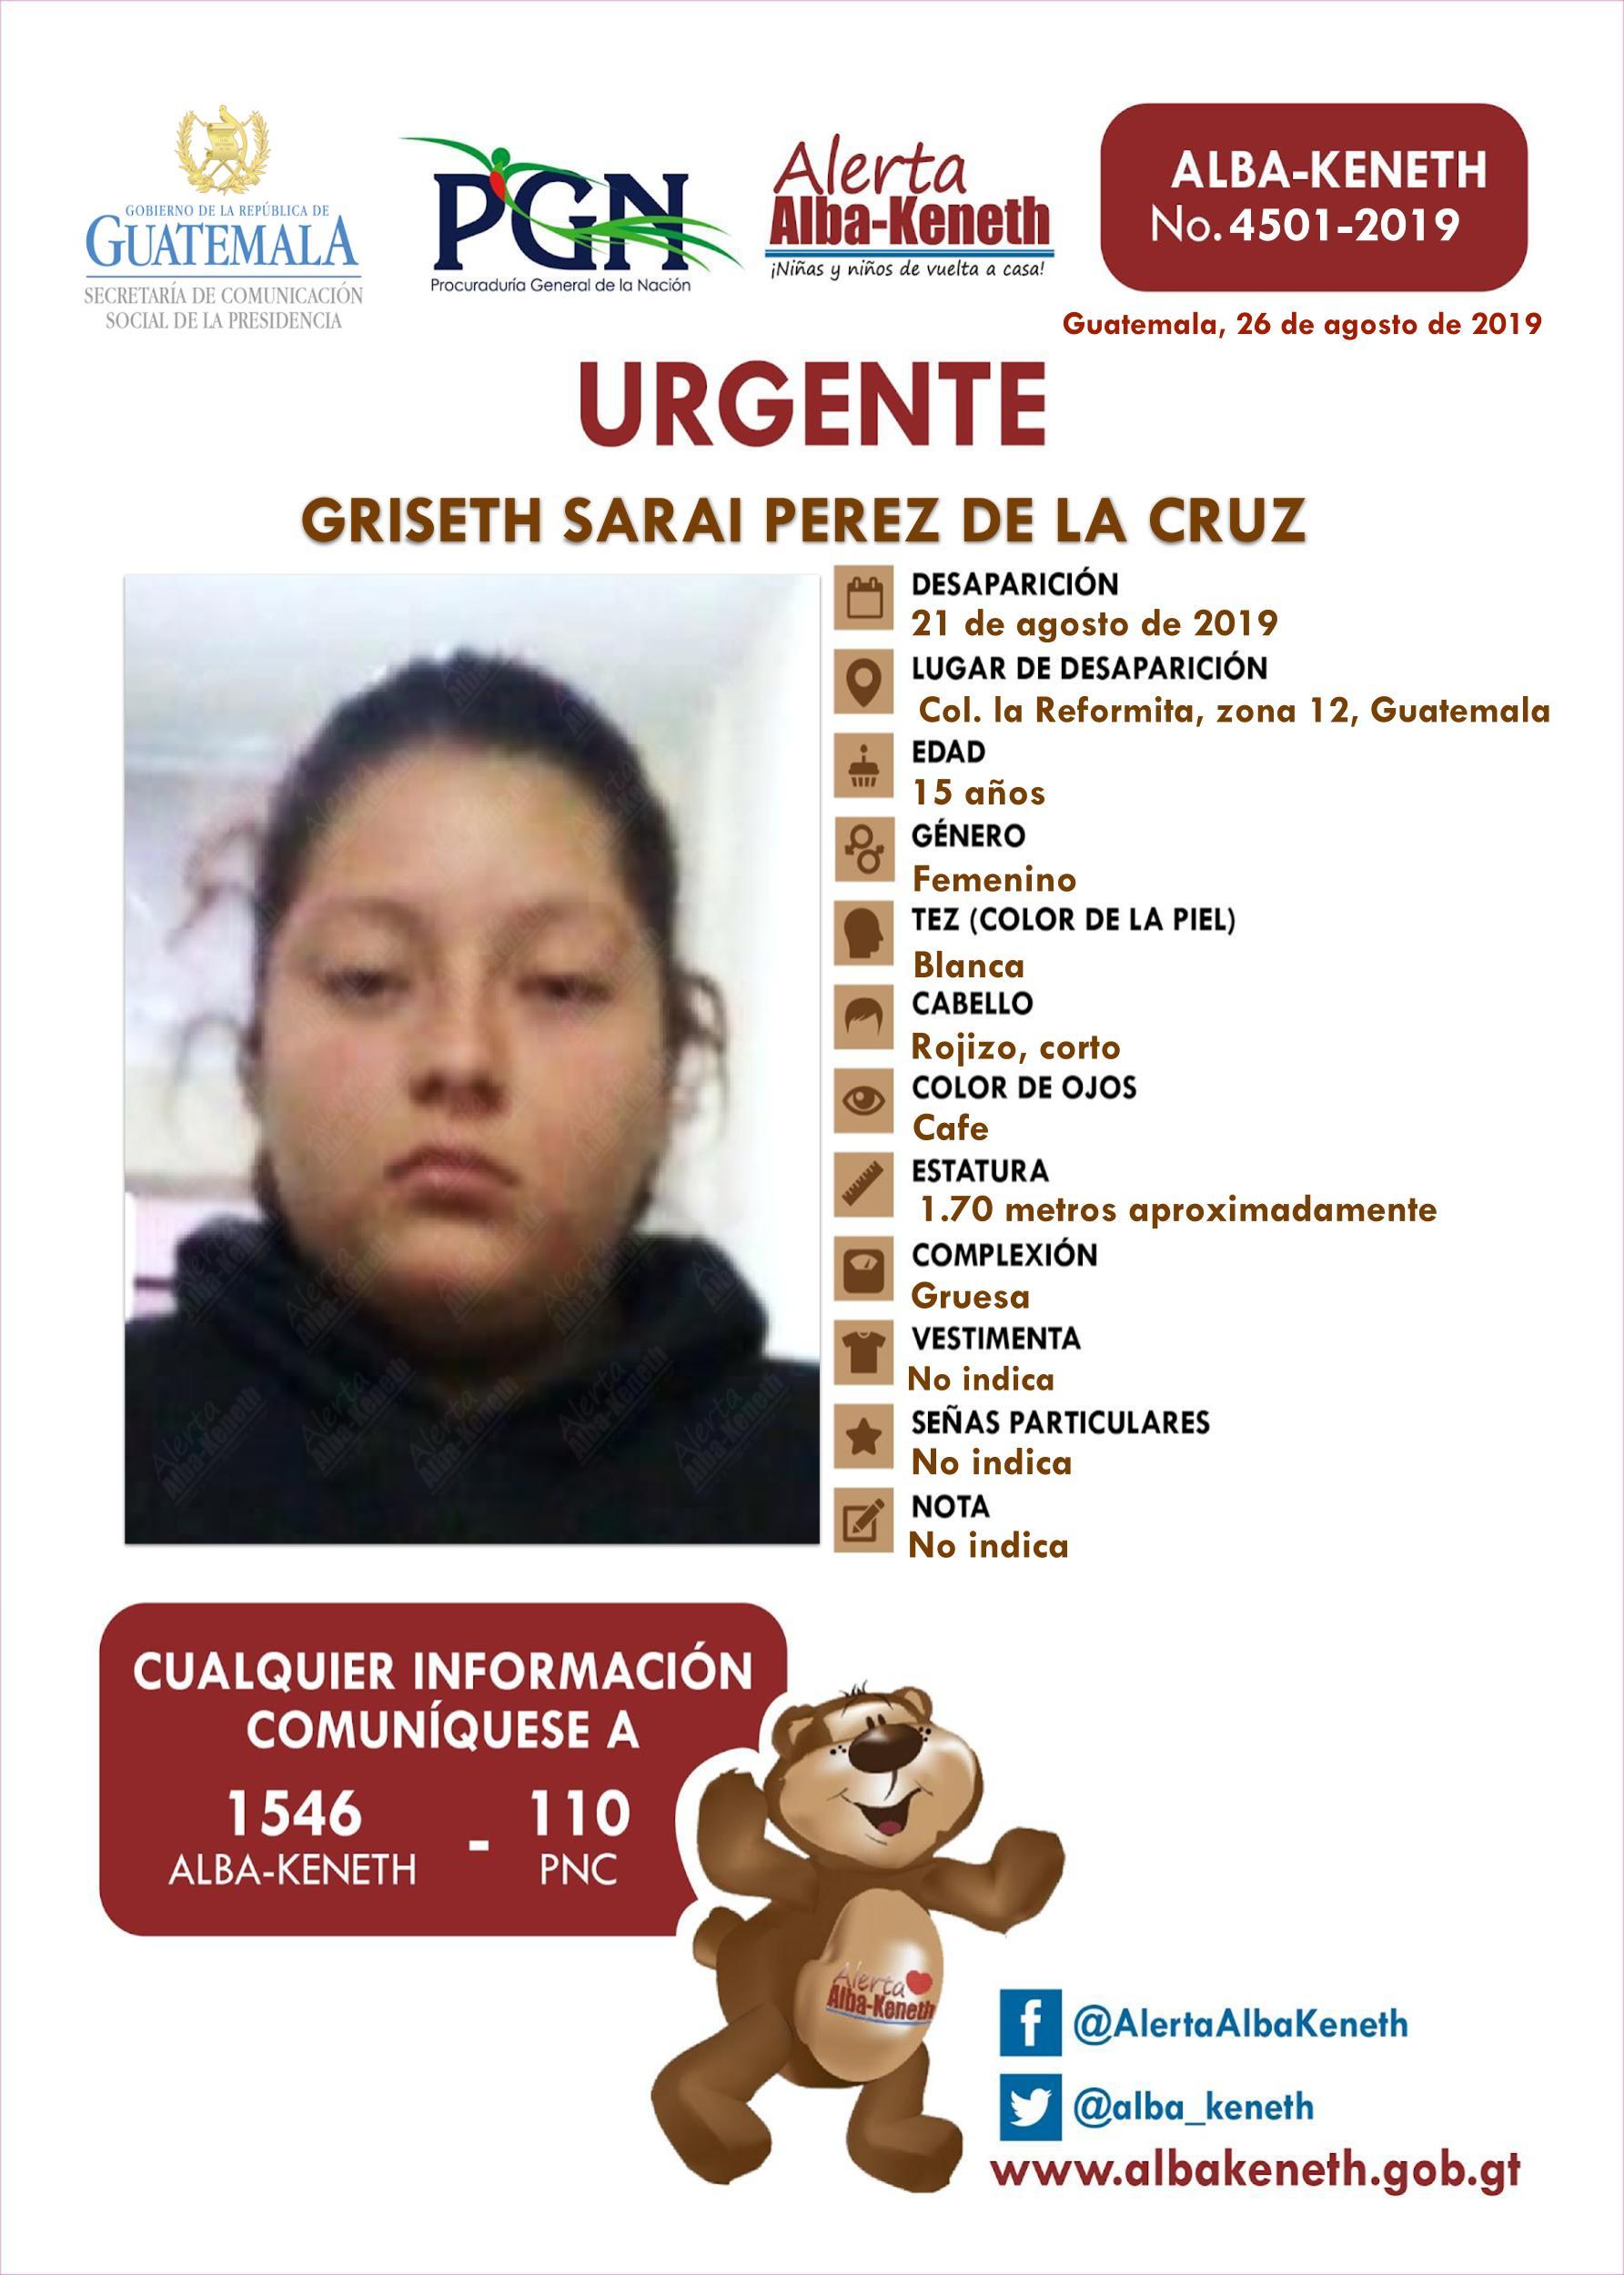 Griseth Sarai Perez de la Cruz